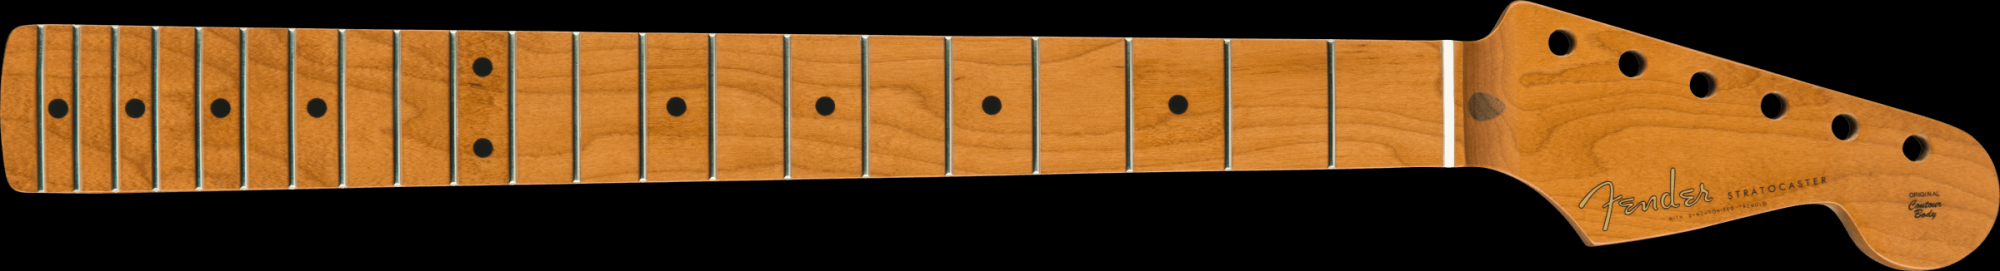 Fender ROASTED MAPLE VINTERA MOD 50'S STRATOCASTER® NECK, 21 MEDIUM JUMBO FRETS, 9.5, V SHAPE